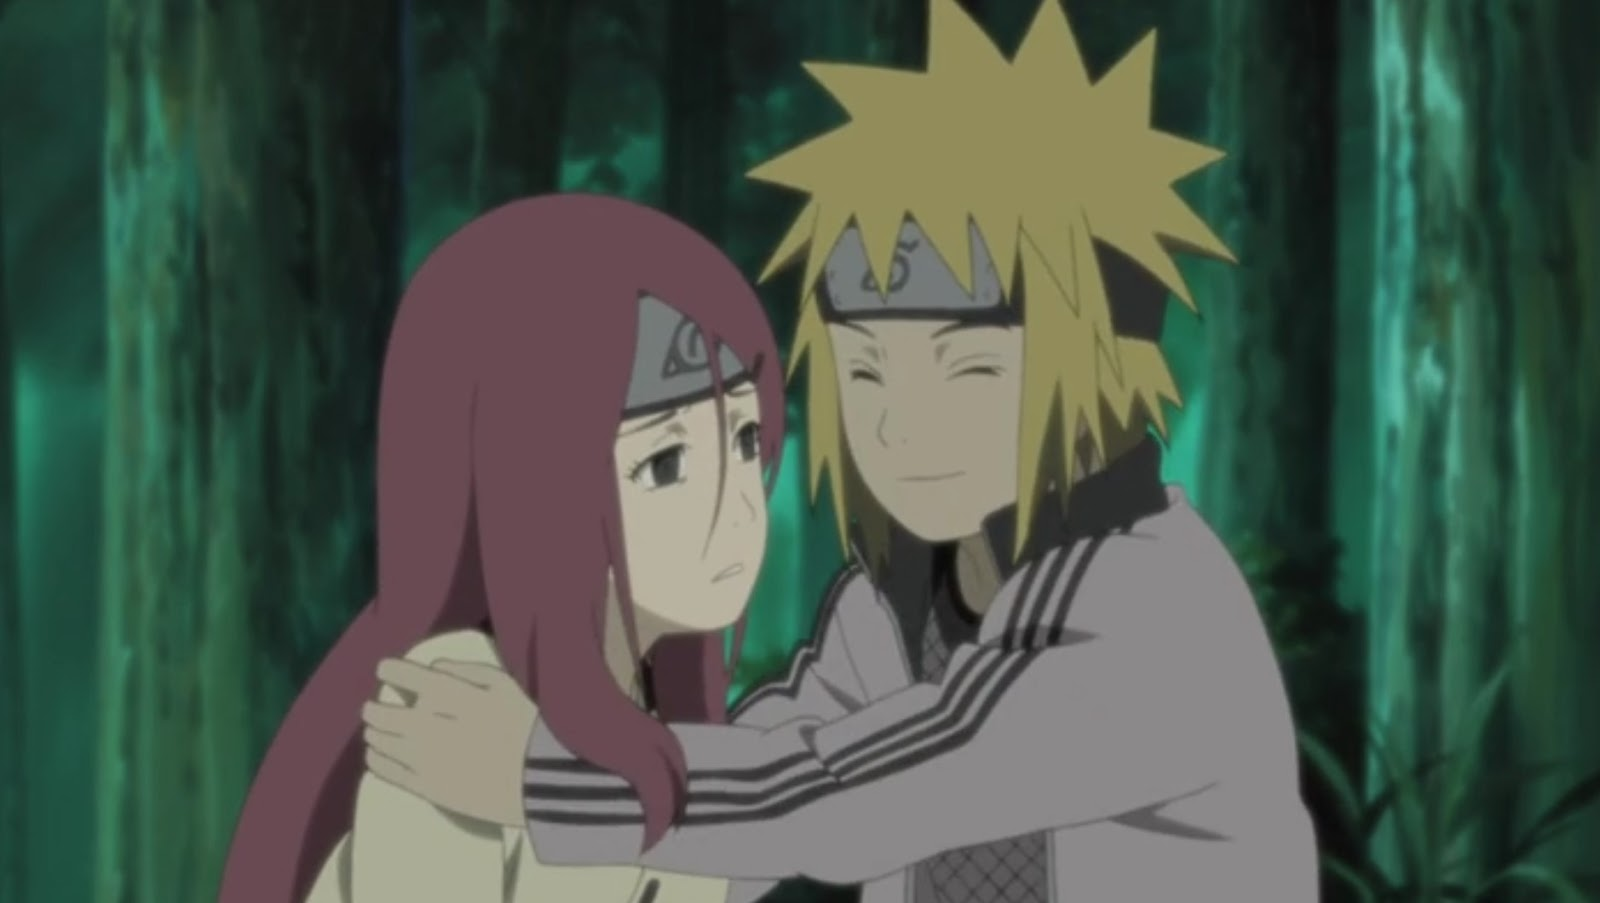 Naruto Shippuden Episódio 246, Assistir Naruto Shippuden Episódio 246, Assistir Naruto Shippuden Todos os Episódios Legendado, Naruto Shippuden episódio 246,HD